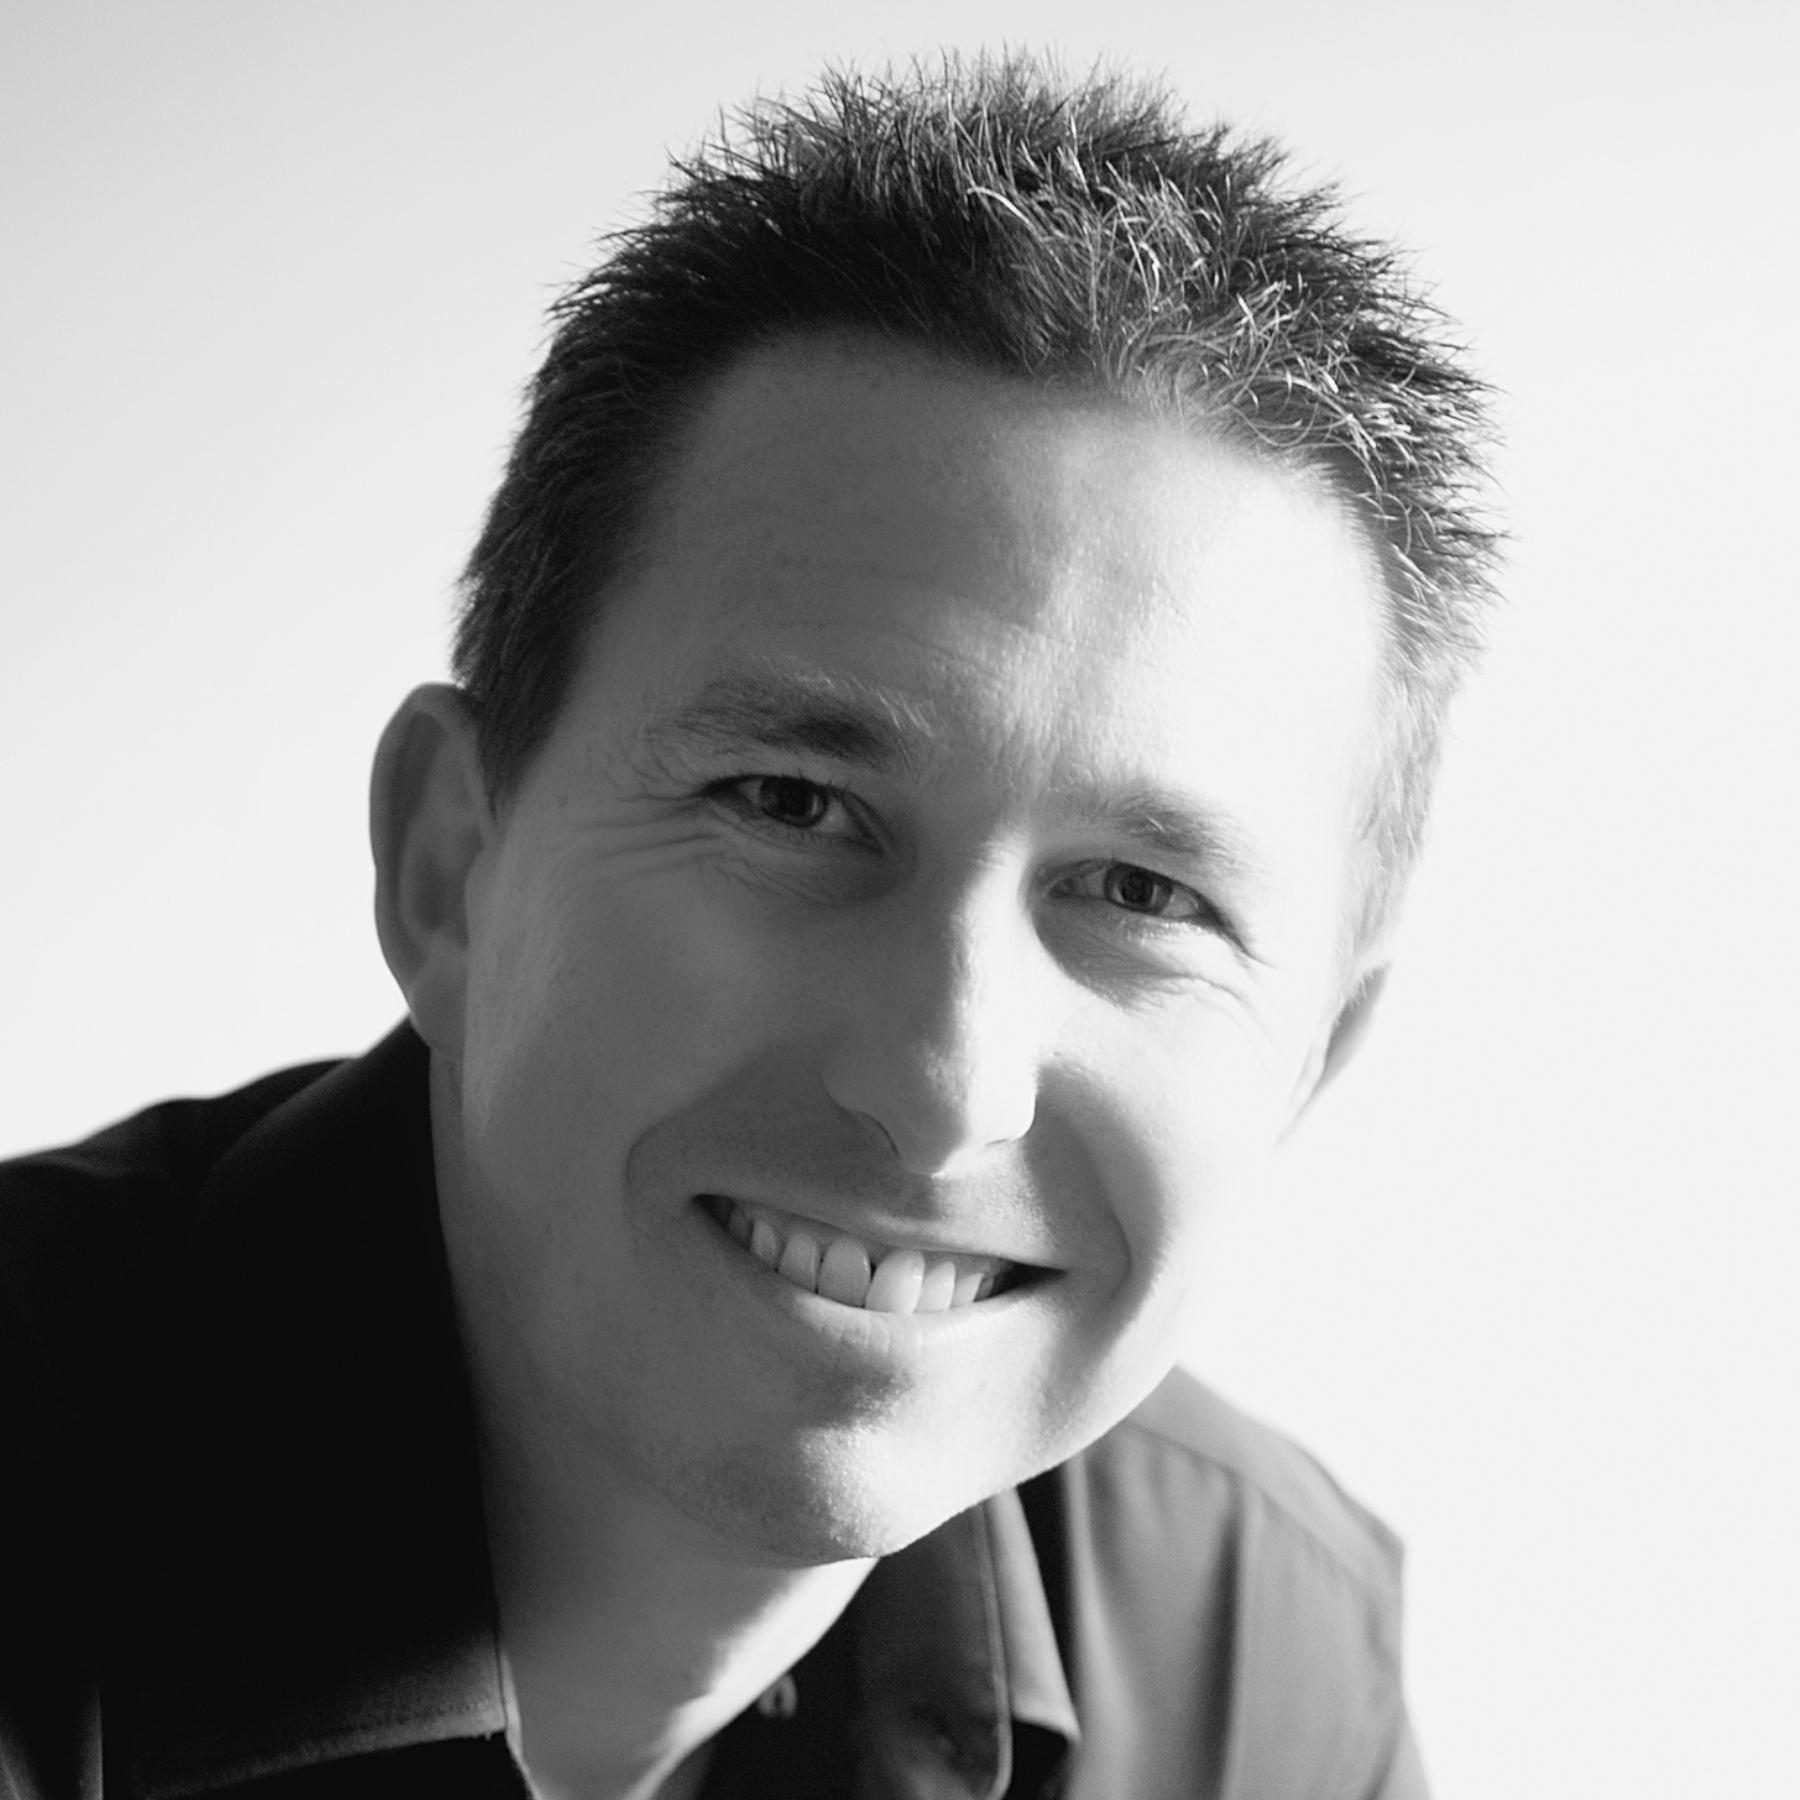 Peter Caddey